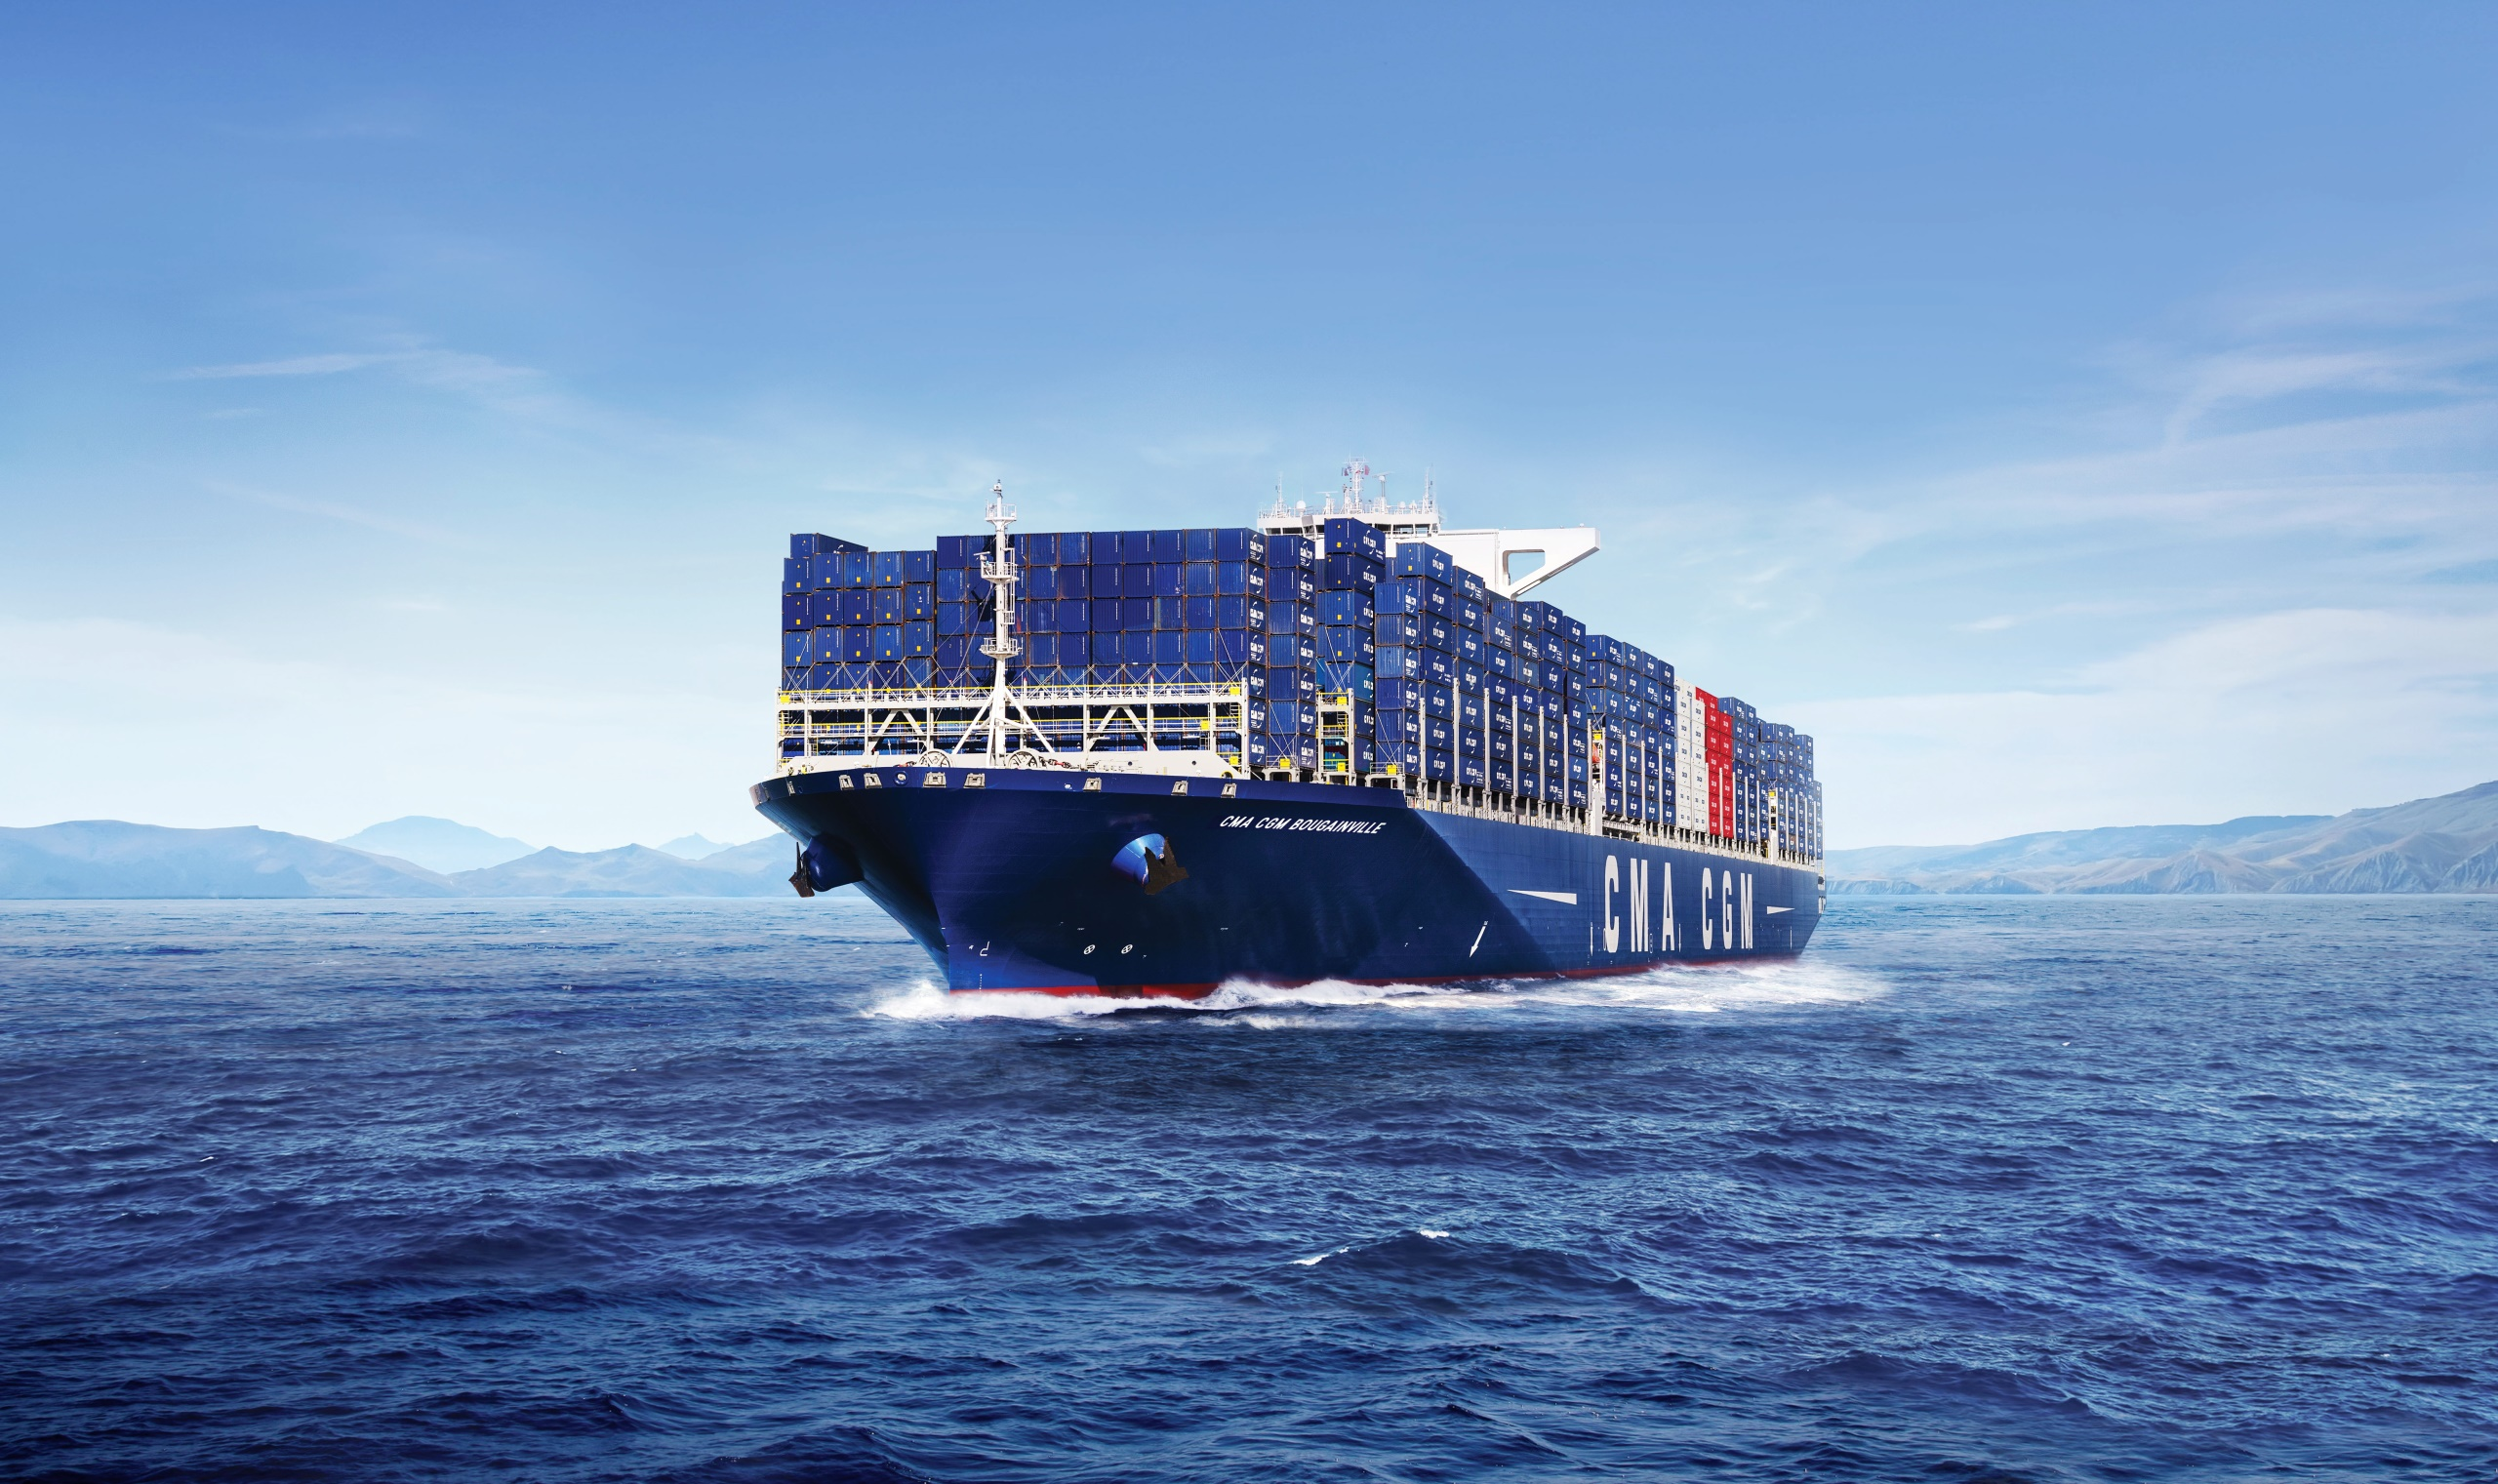 ship vehicle sea